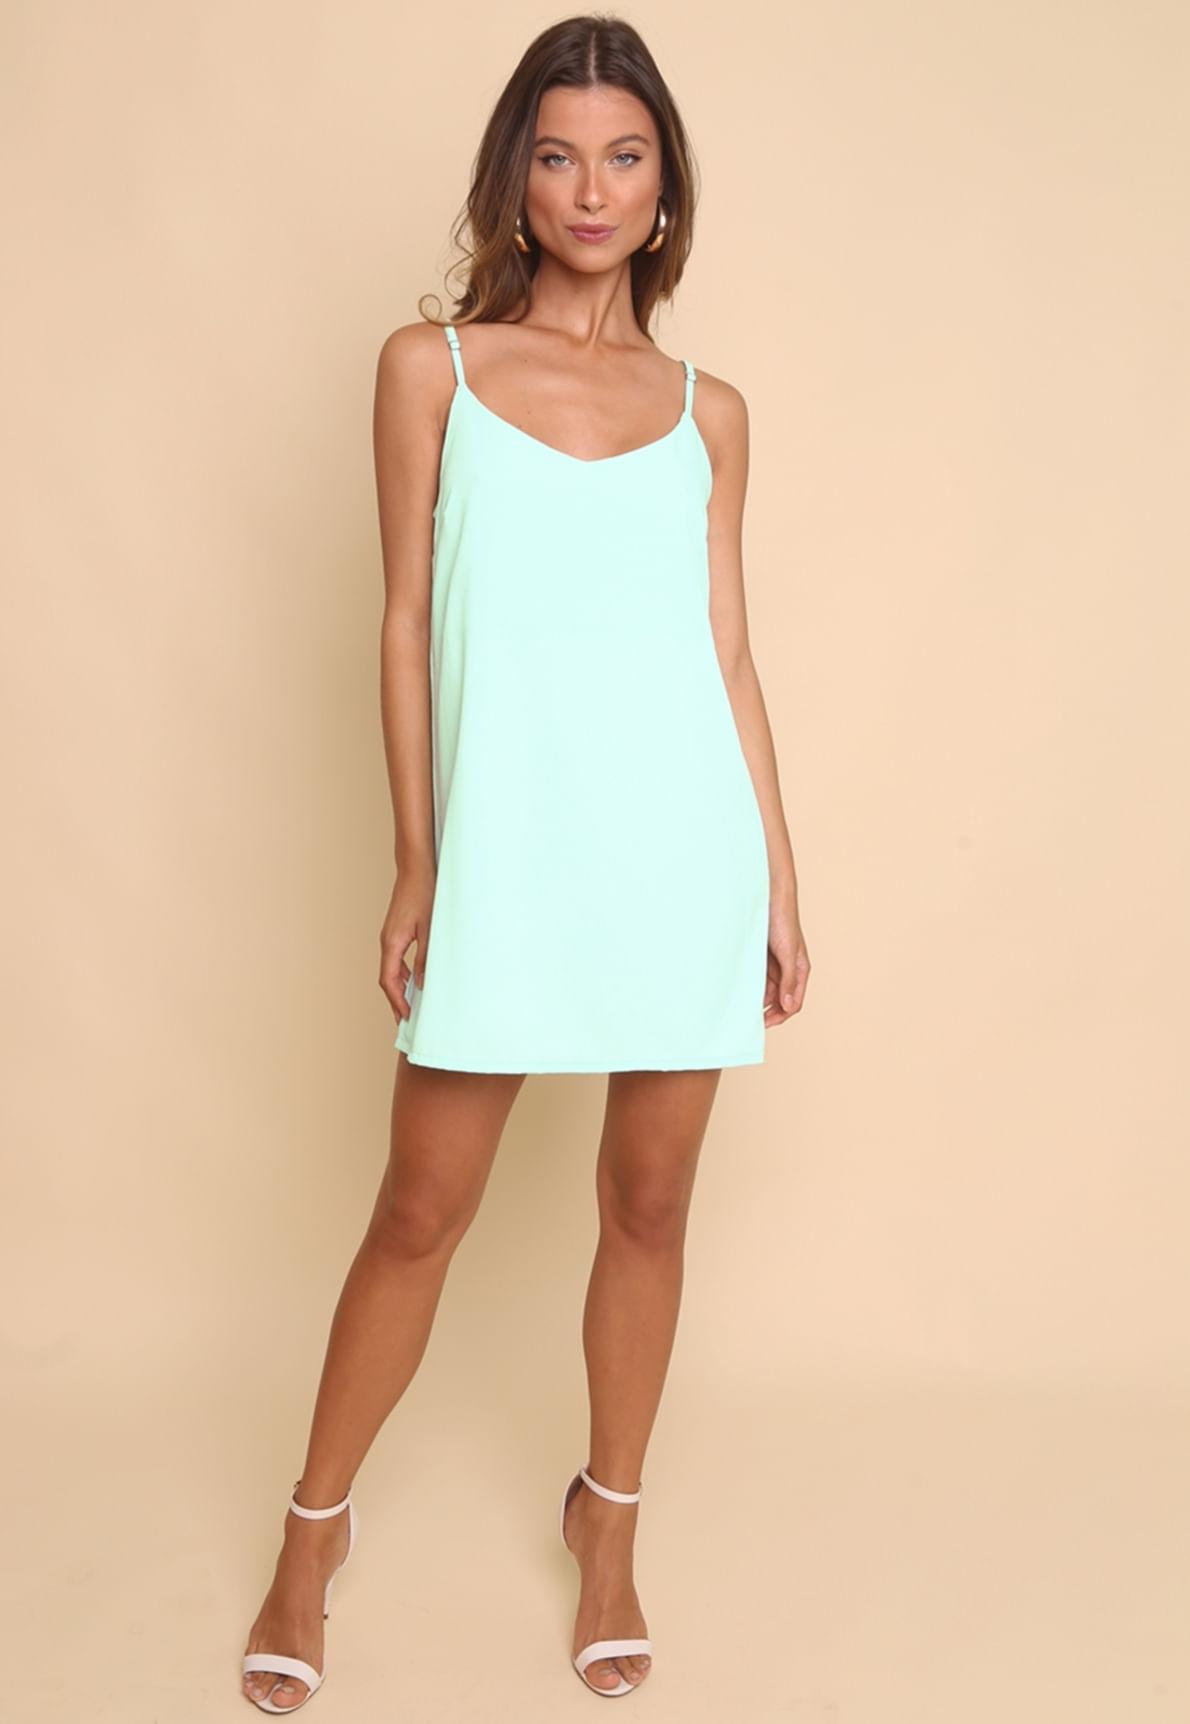 30329-vestido-soltinho-verde-menta-noronha-mundo-lolita04